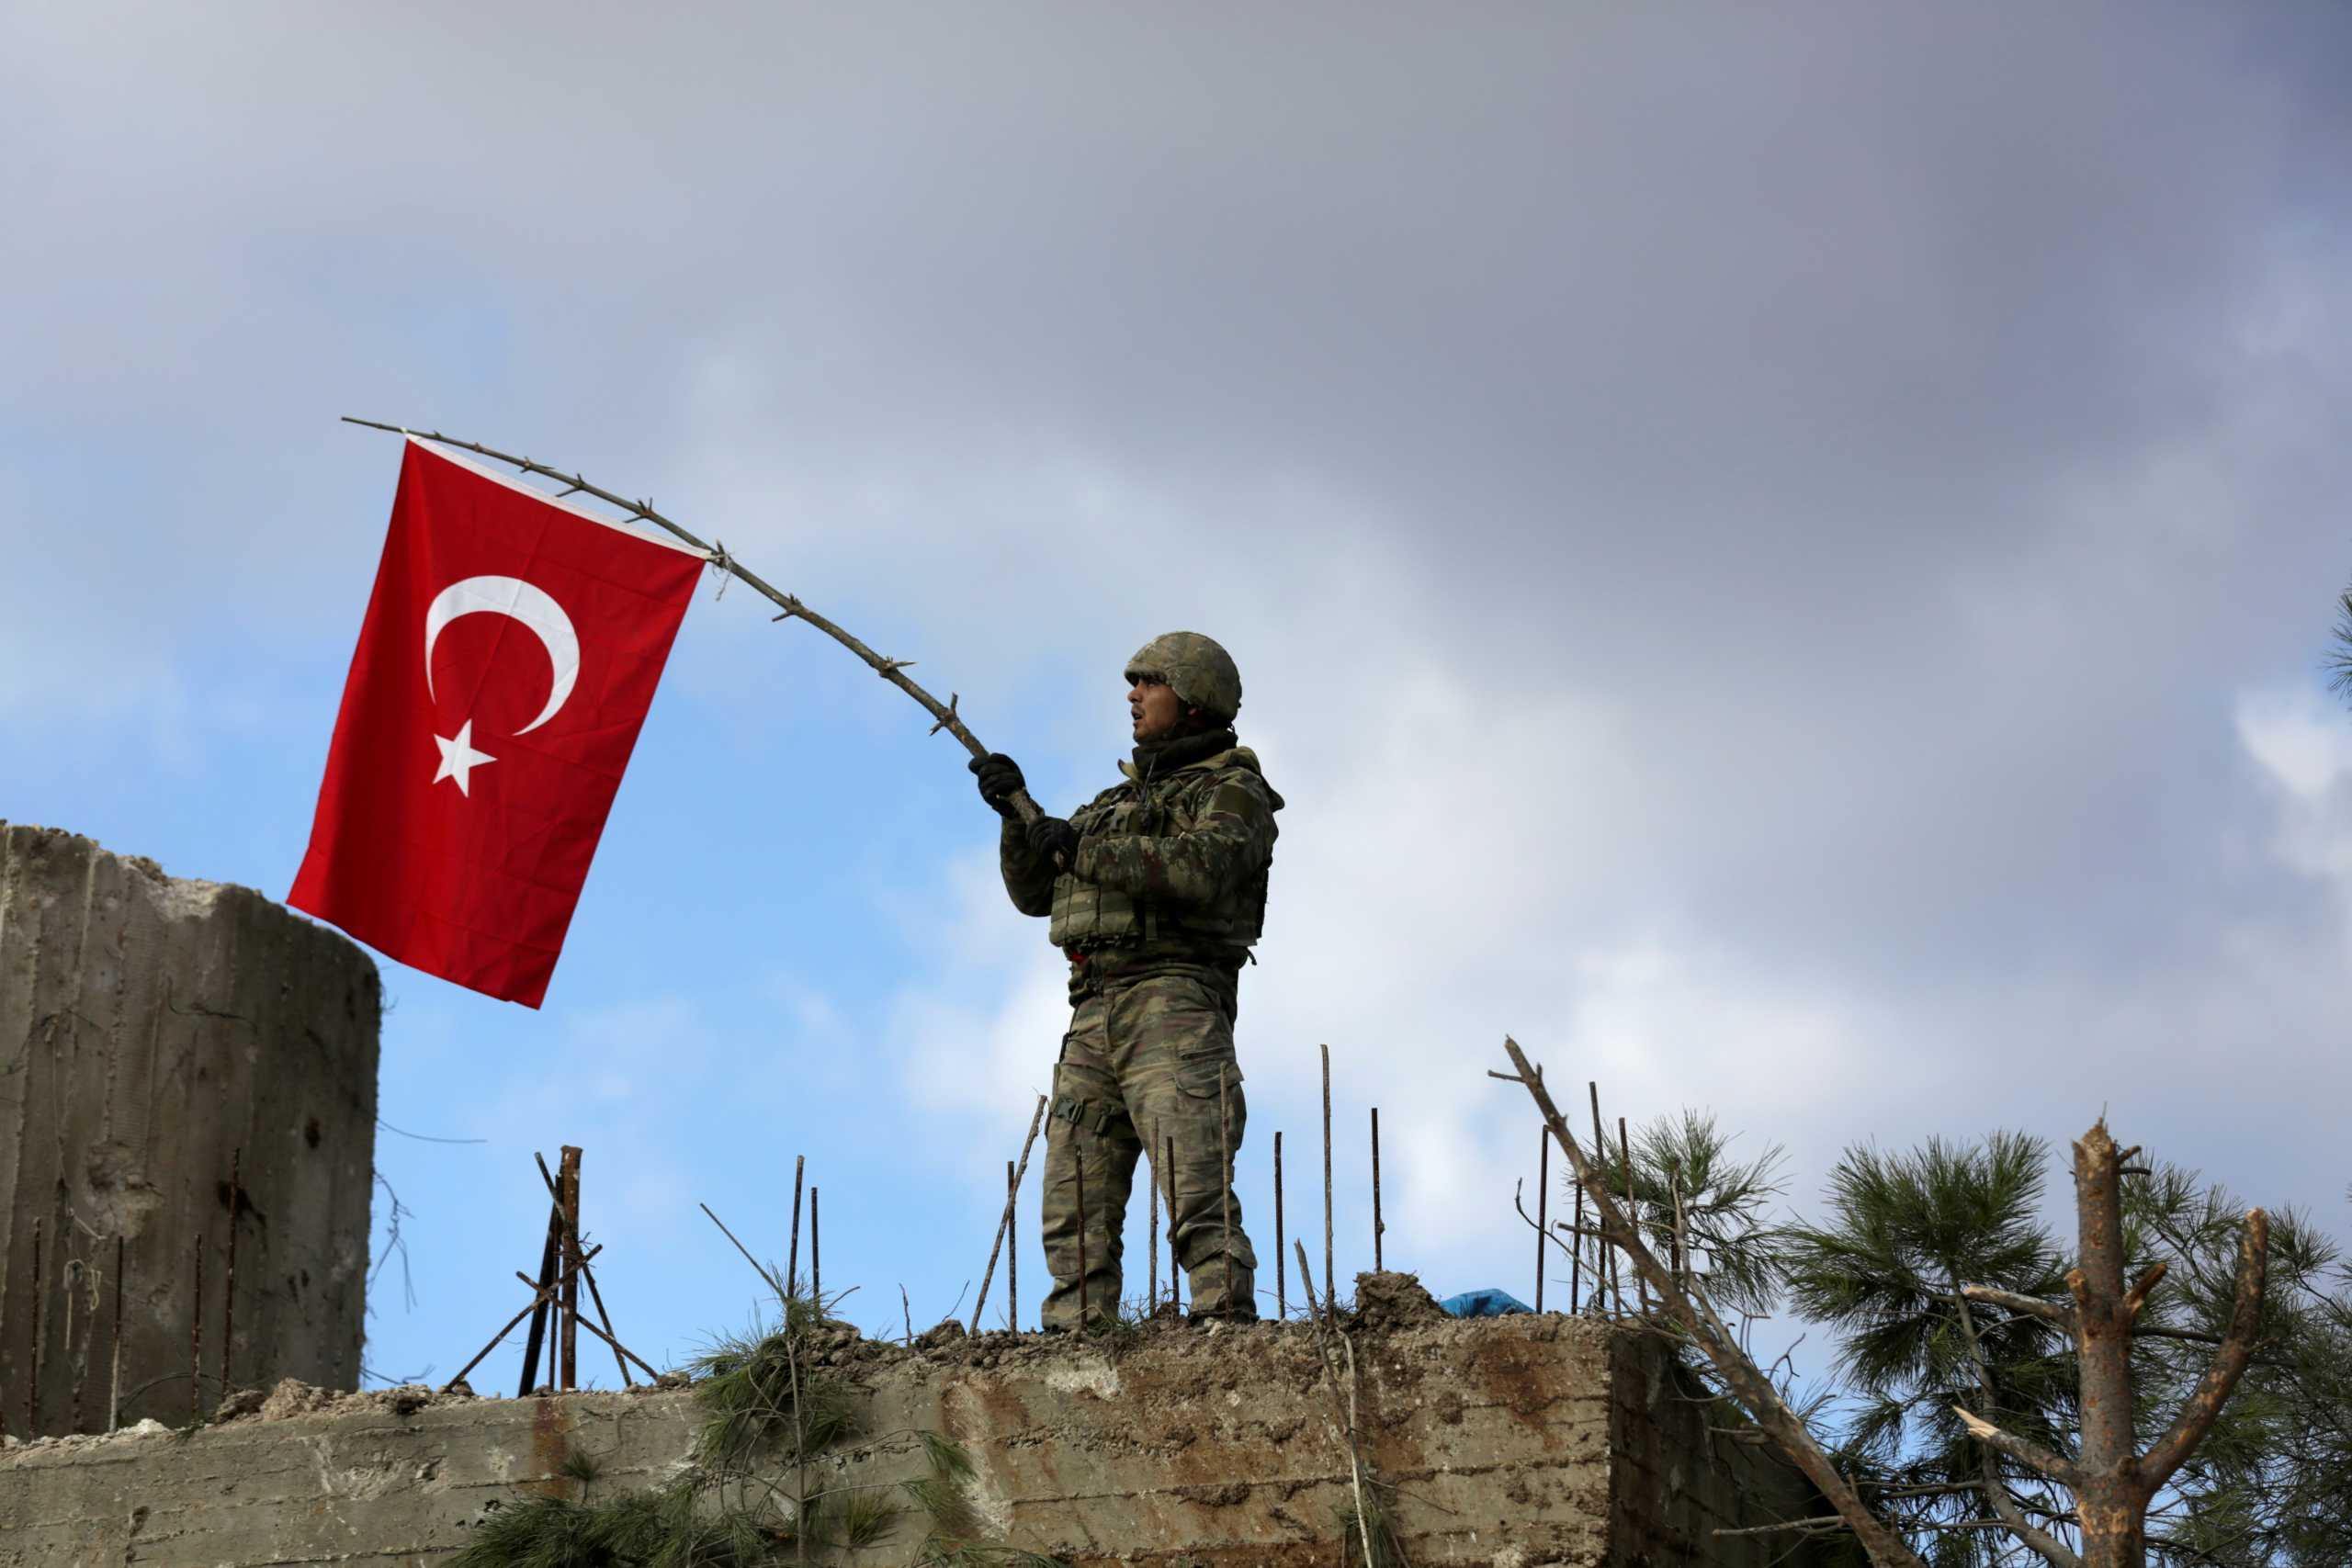 Συρία: Οι αντάρτες που υποστηρίζει η Τουρκία «λεηλατούν» το Αφρίν!